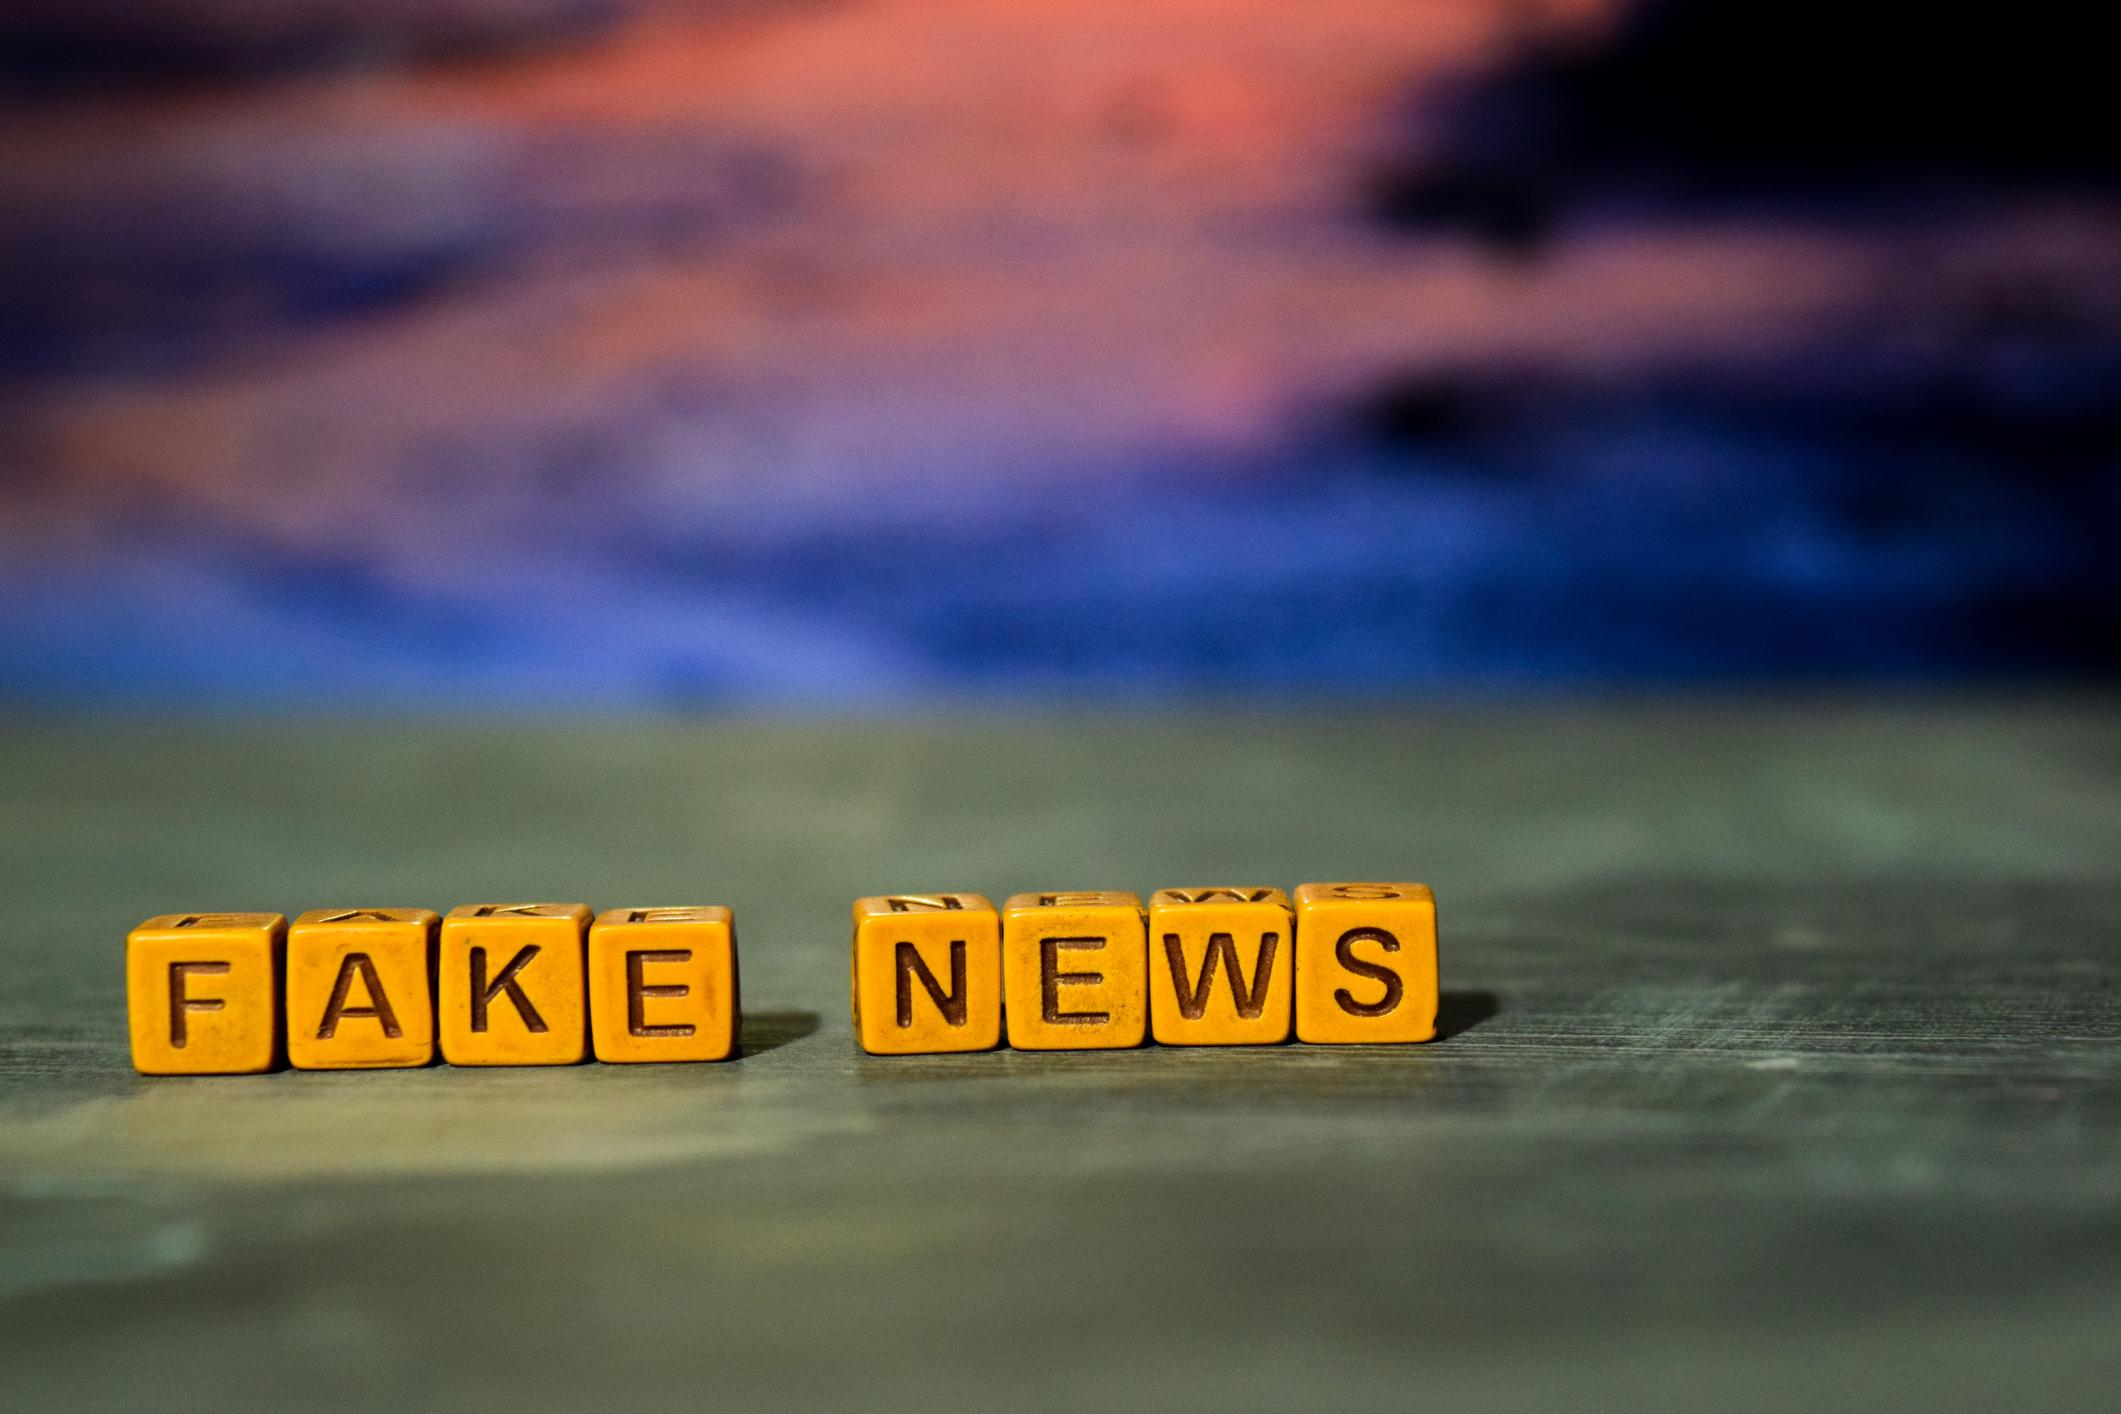 Studie entlarvt Fake-News über Fake-News – SPD-Esken nimmt dies zum Anlass für Wählerbeschimpfung